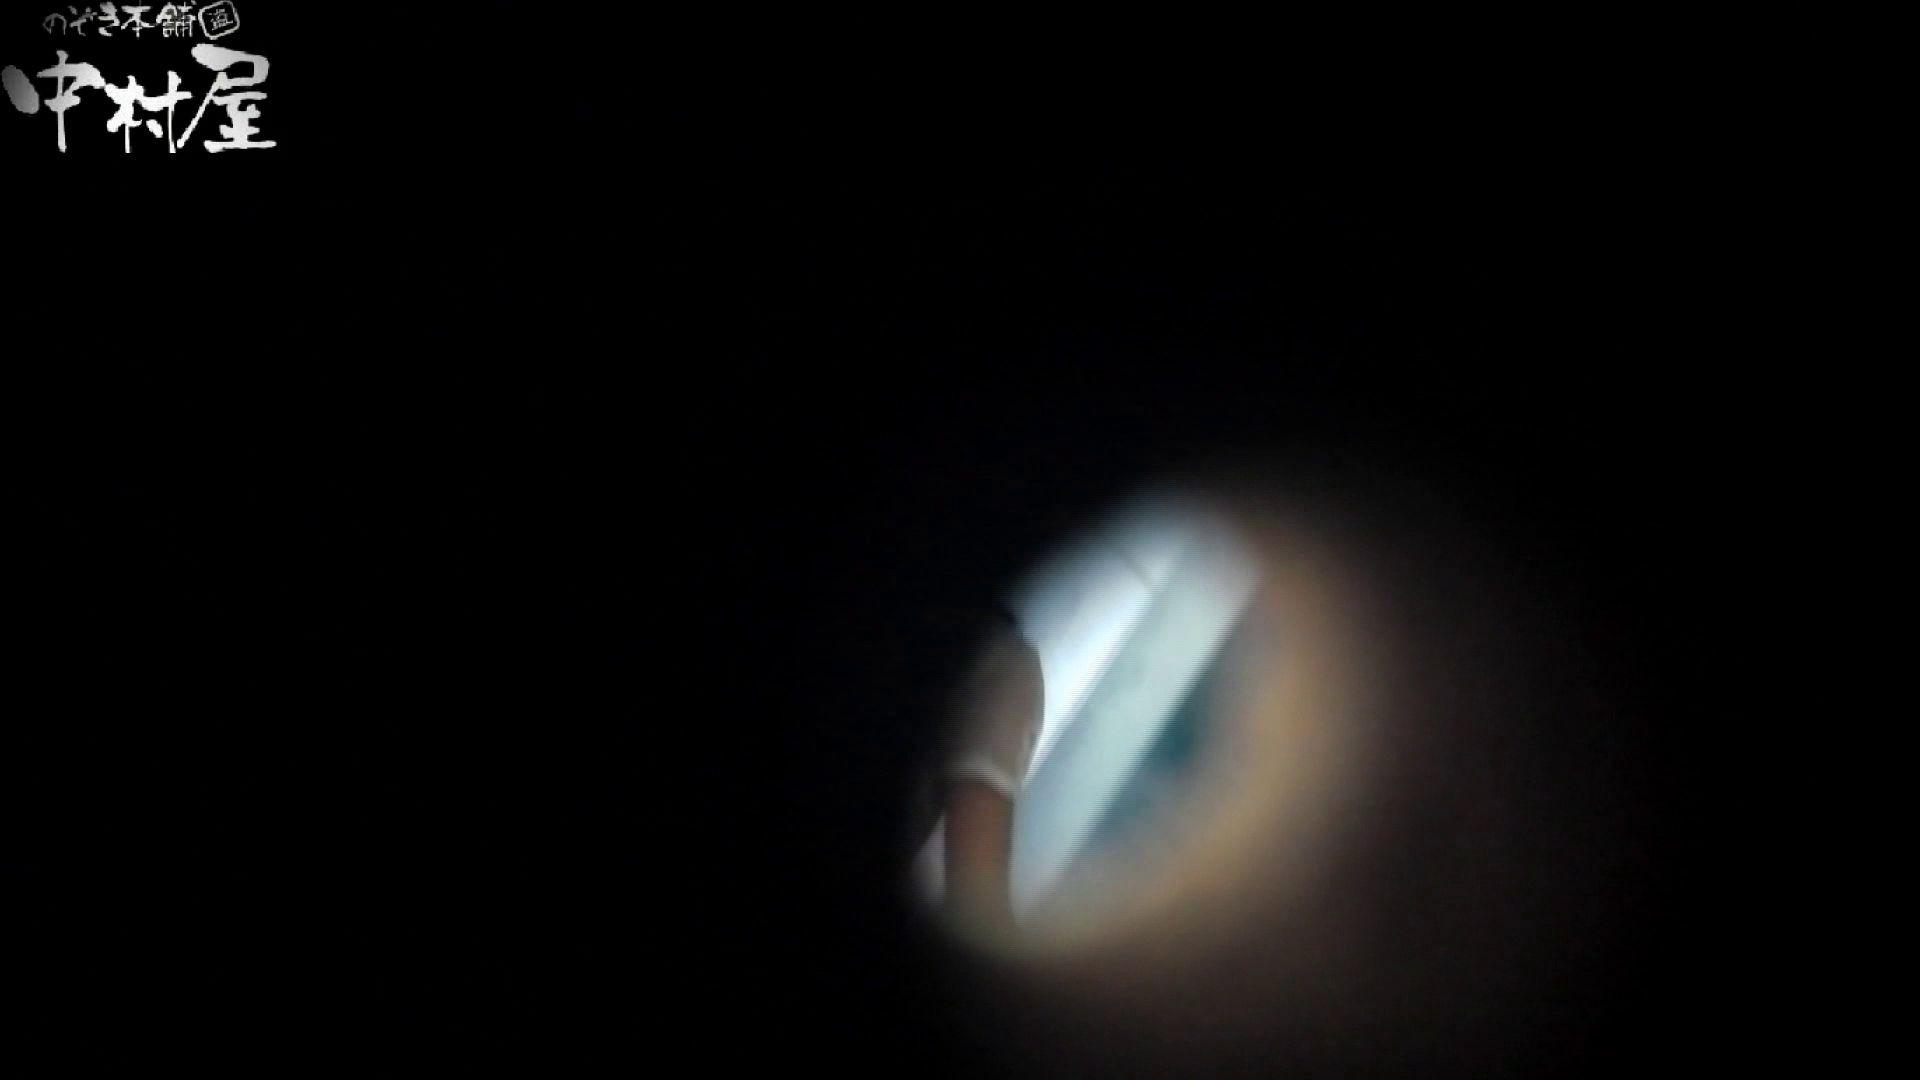 世界の射窓から vol.45 尻出しスマホ 後編 洗面所 | OLのエロ生活  50連発 7